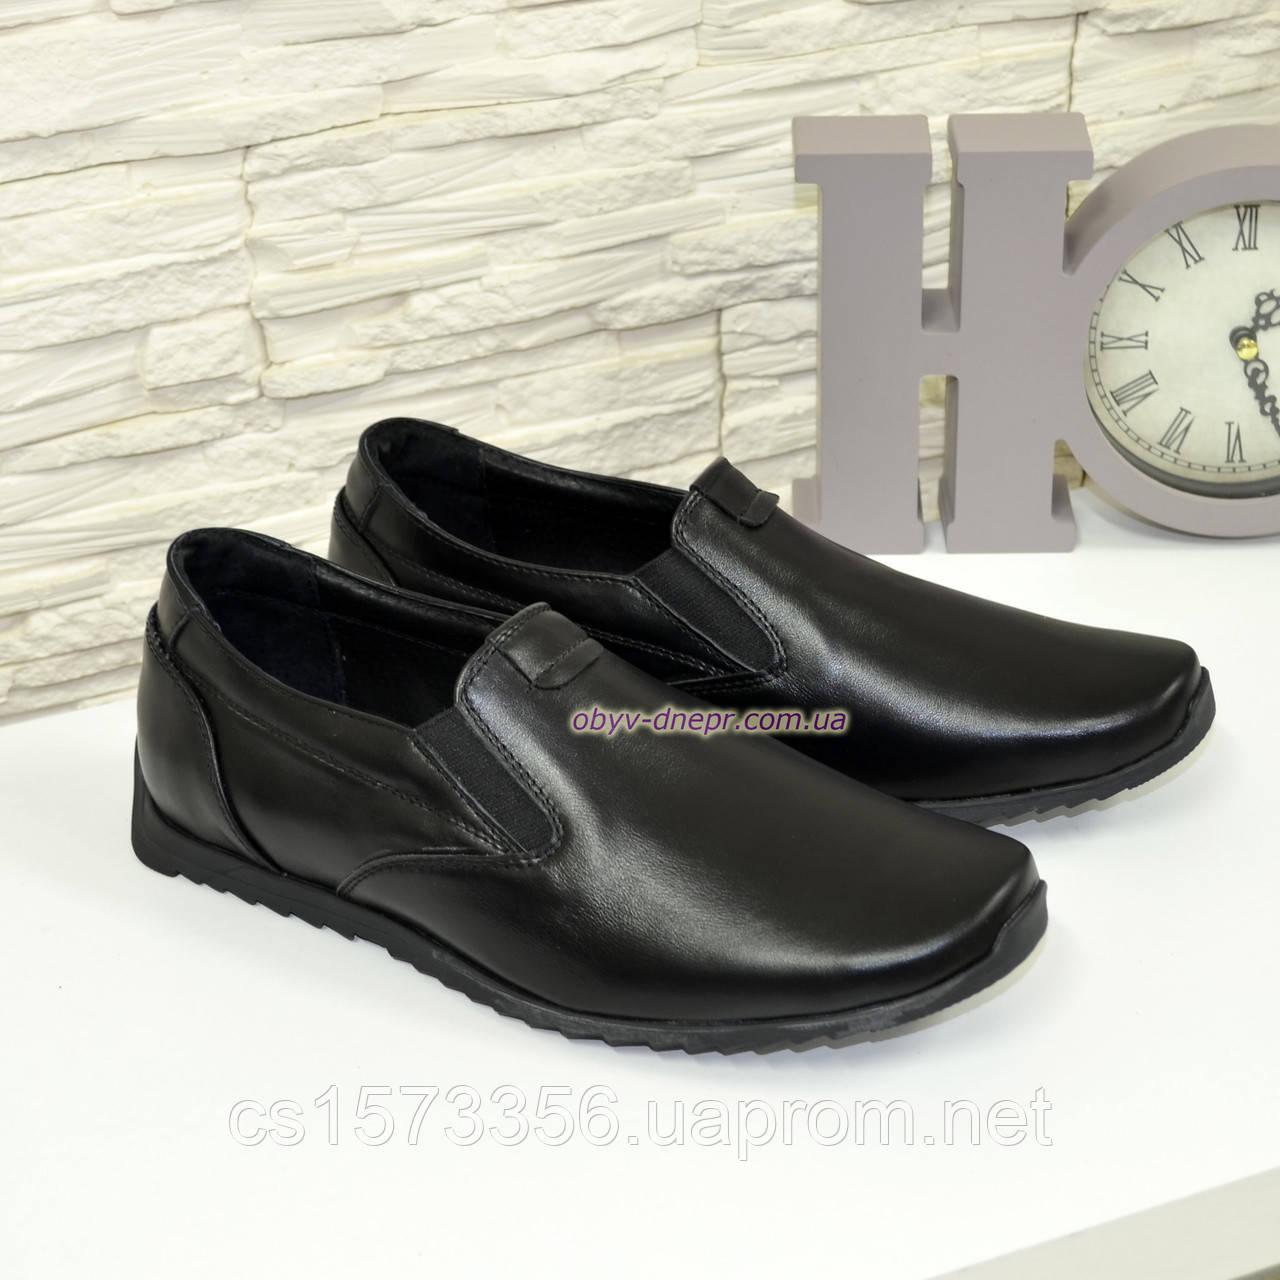 Туфли кожаные мужские, цвет черный